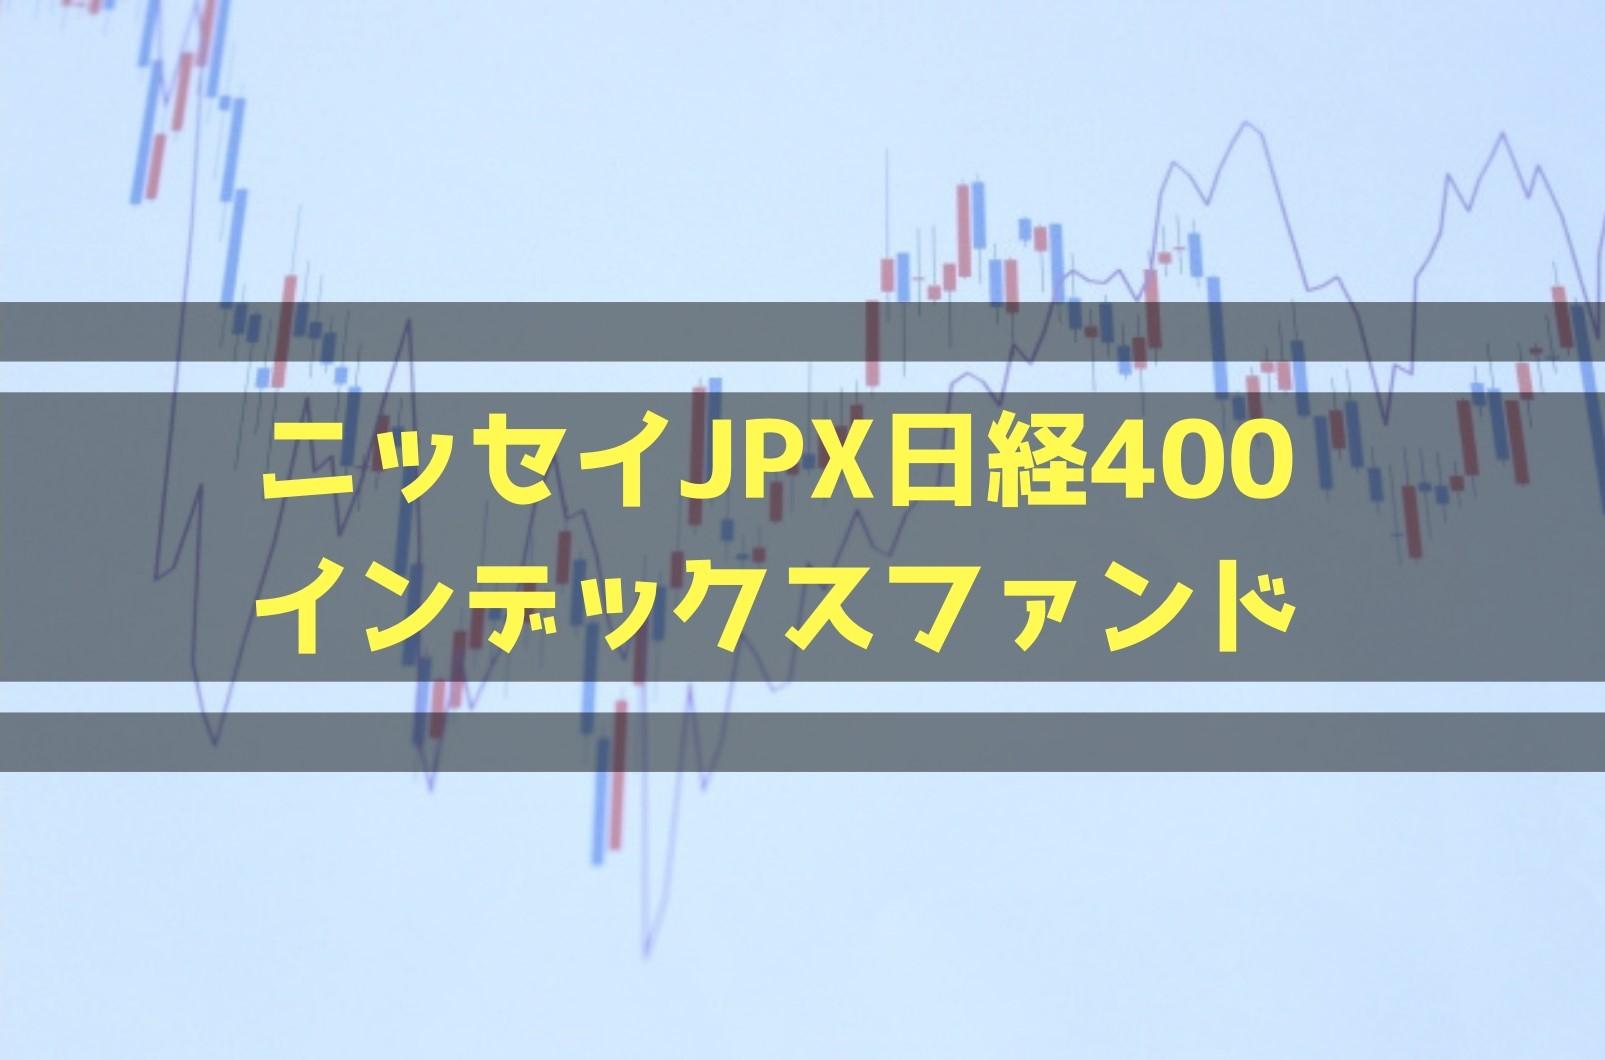 ニッセイjpx